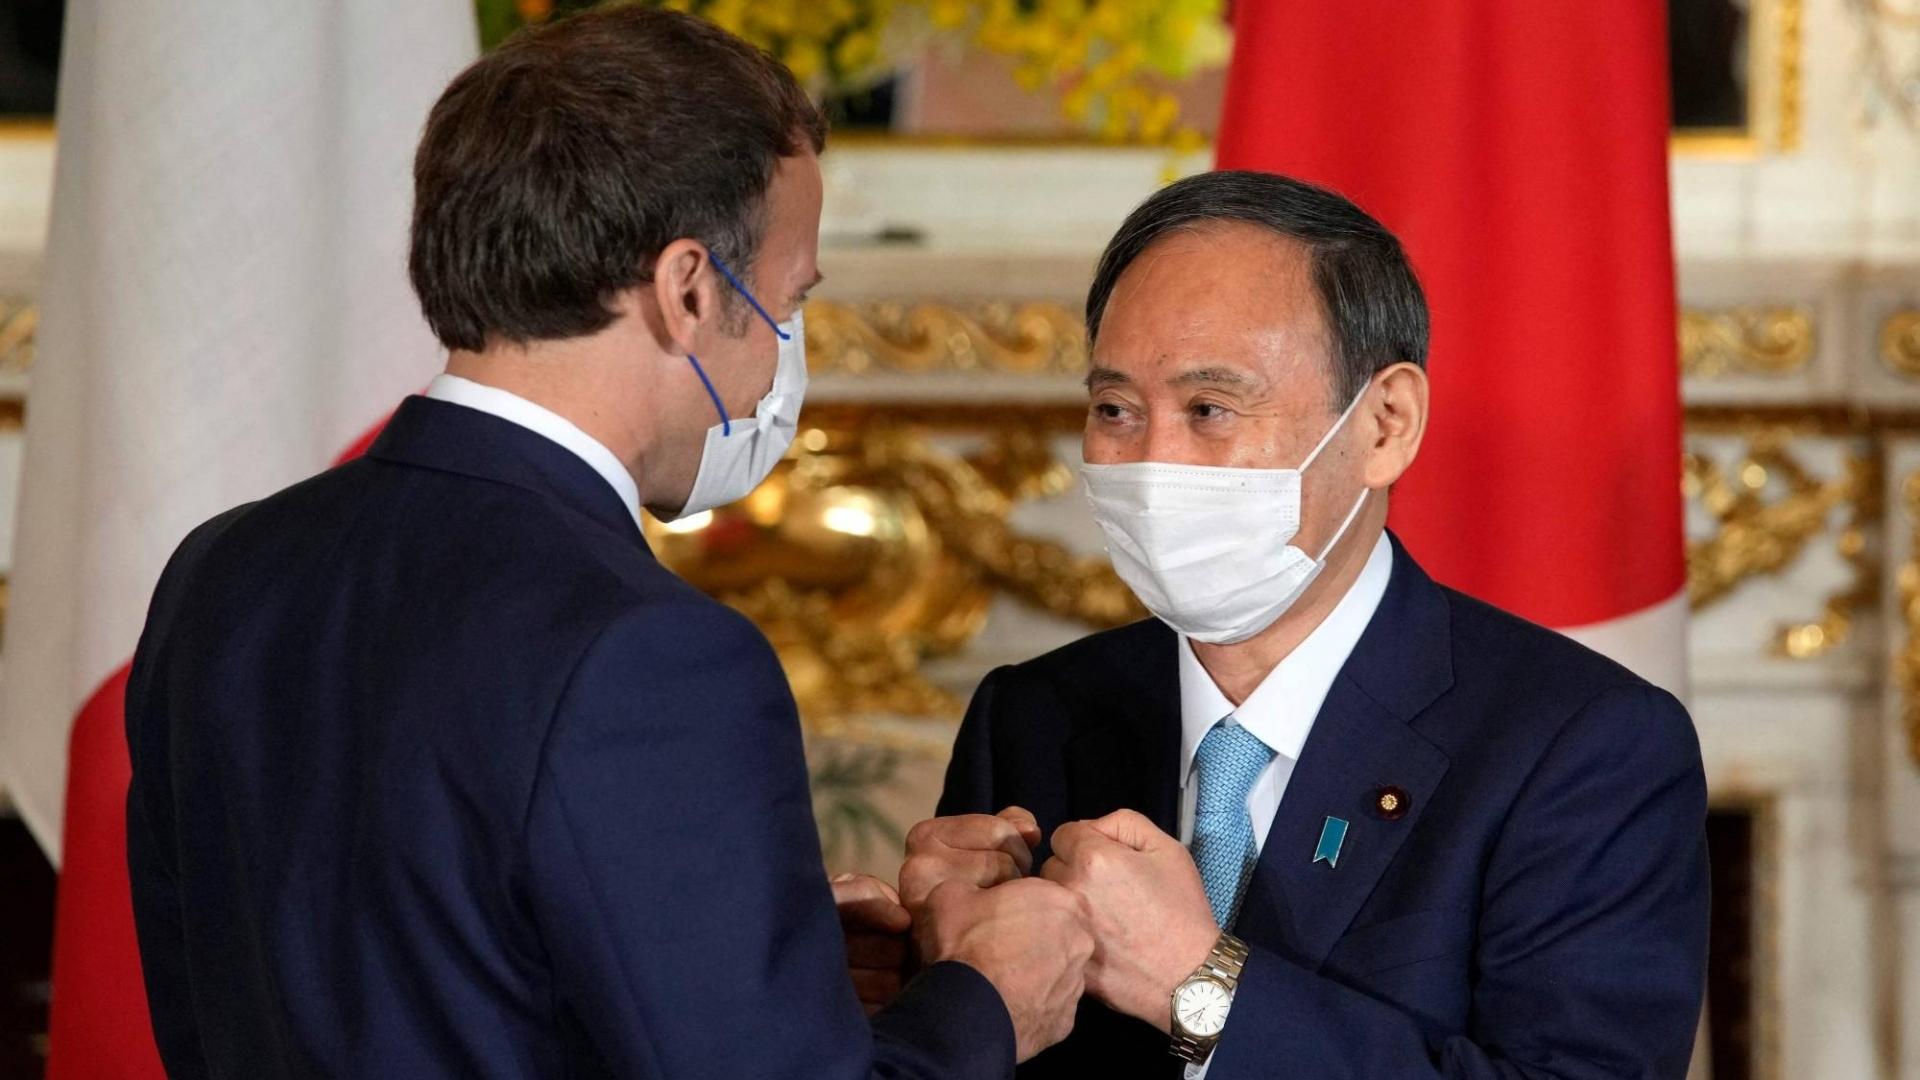 Nhật-Pháp đề cao hợp tác an ninh vì Ấn Độ Dương-Thái Bình Dương tự do và rộng mở